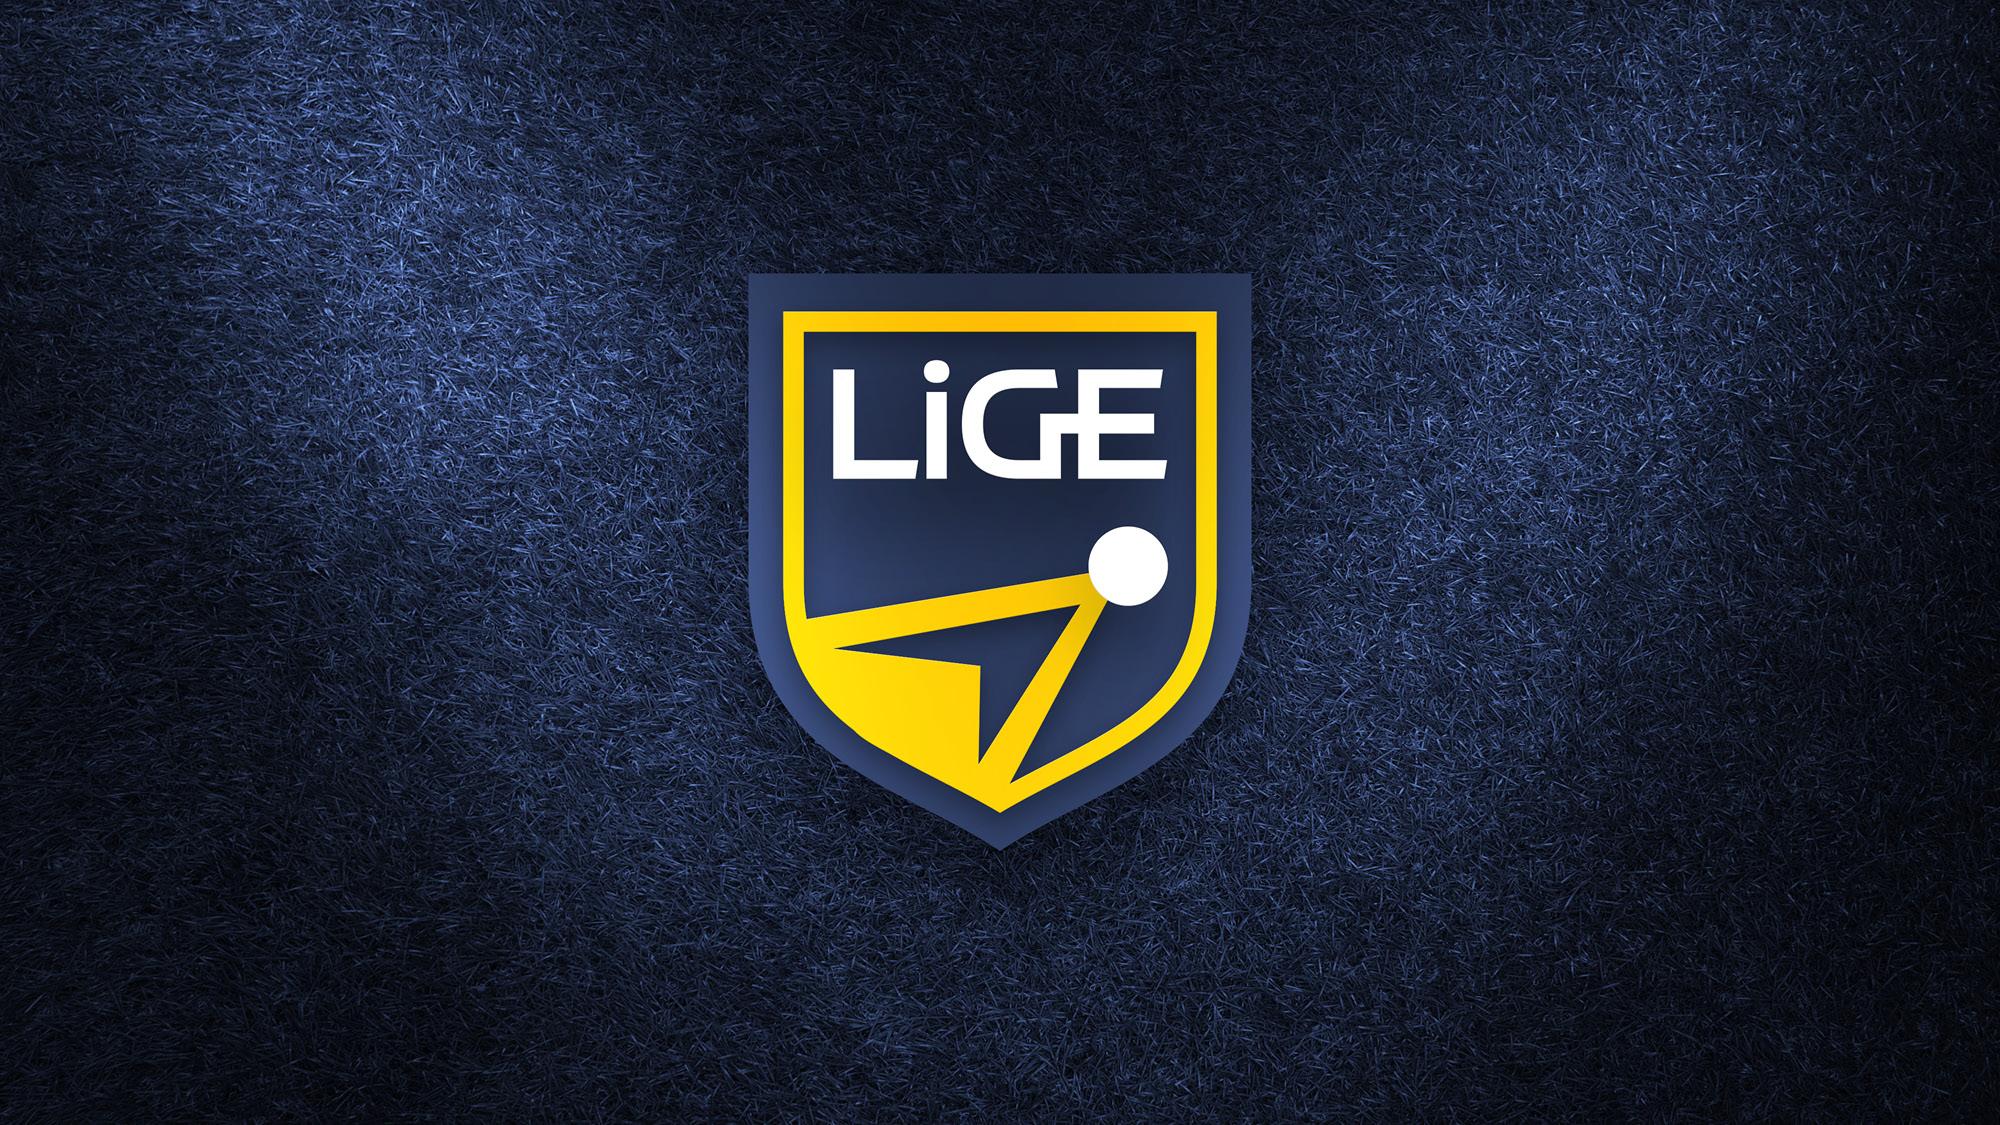 Branding Liga de Gestão Esportiva FGV - LiGE